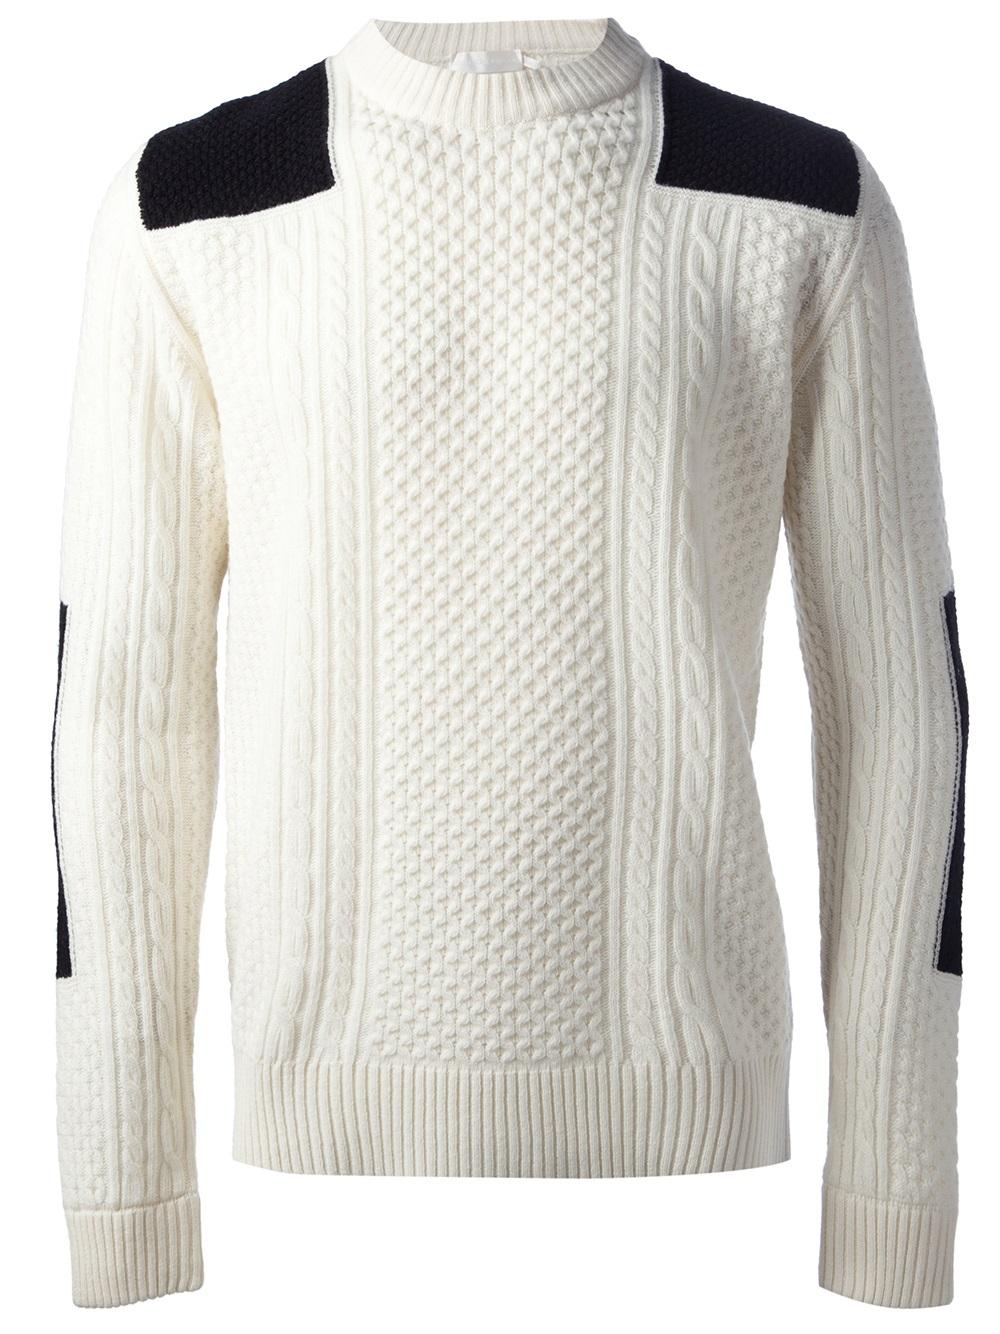 https://cdnc.lystit.com/photos/2013/09/01/alexander-mcqueen-white-alexander-mcqueen-cable-knit-sweater-product-1-13200138-328392446.jpeg